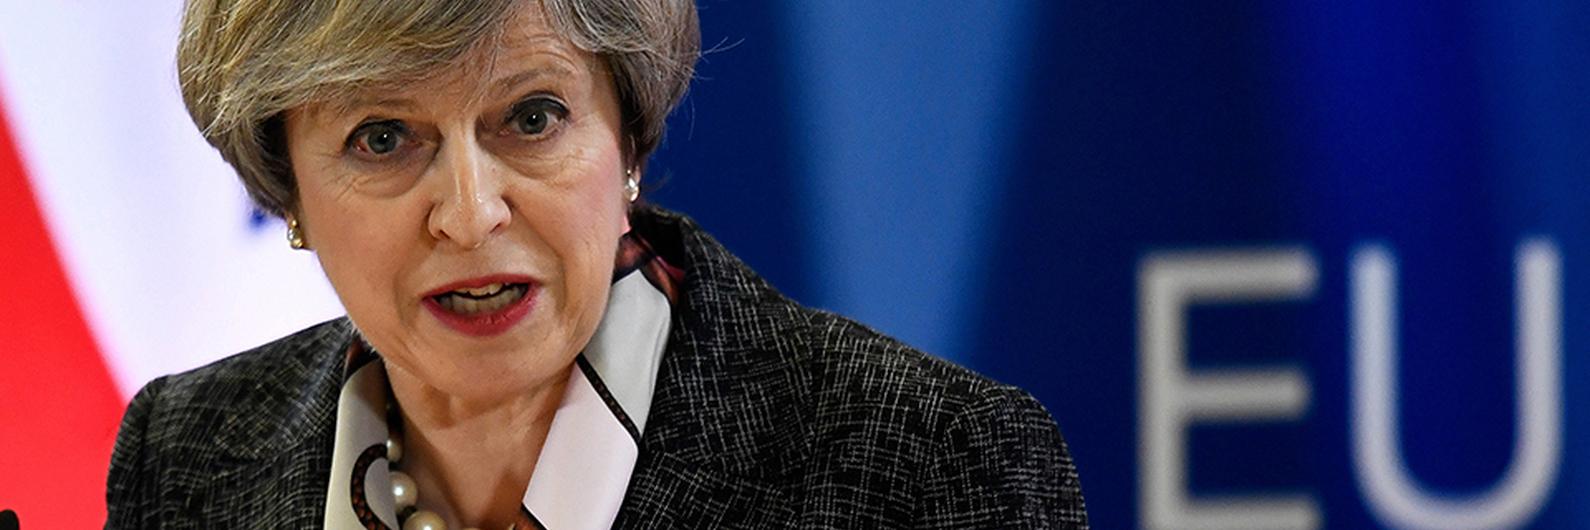 Reino Unido pondera extensão das negociações e um 'soft' Brexit